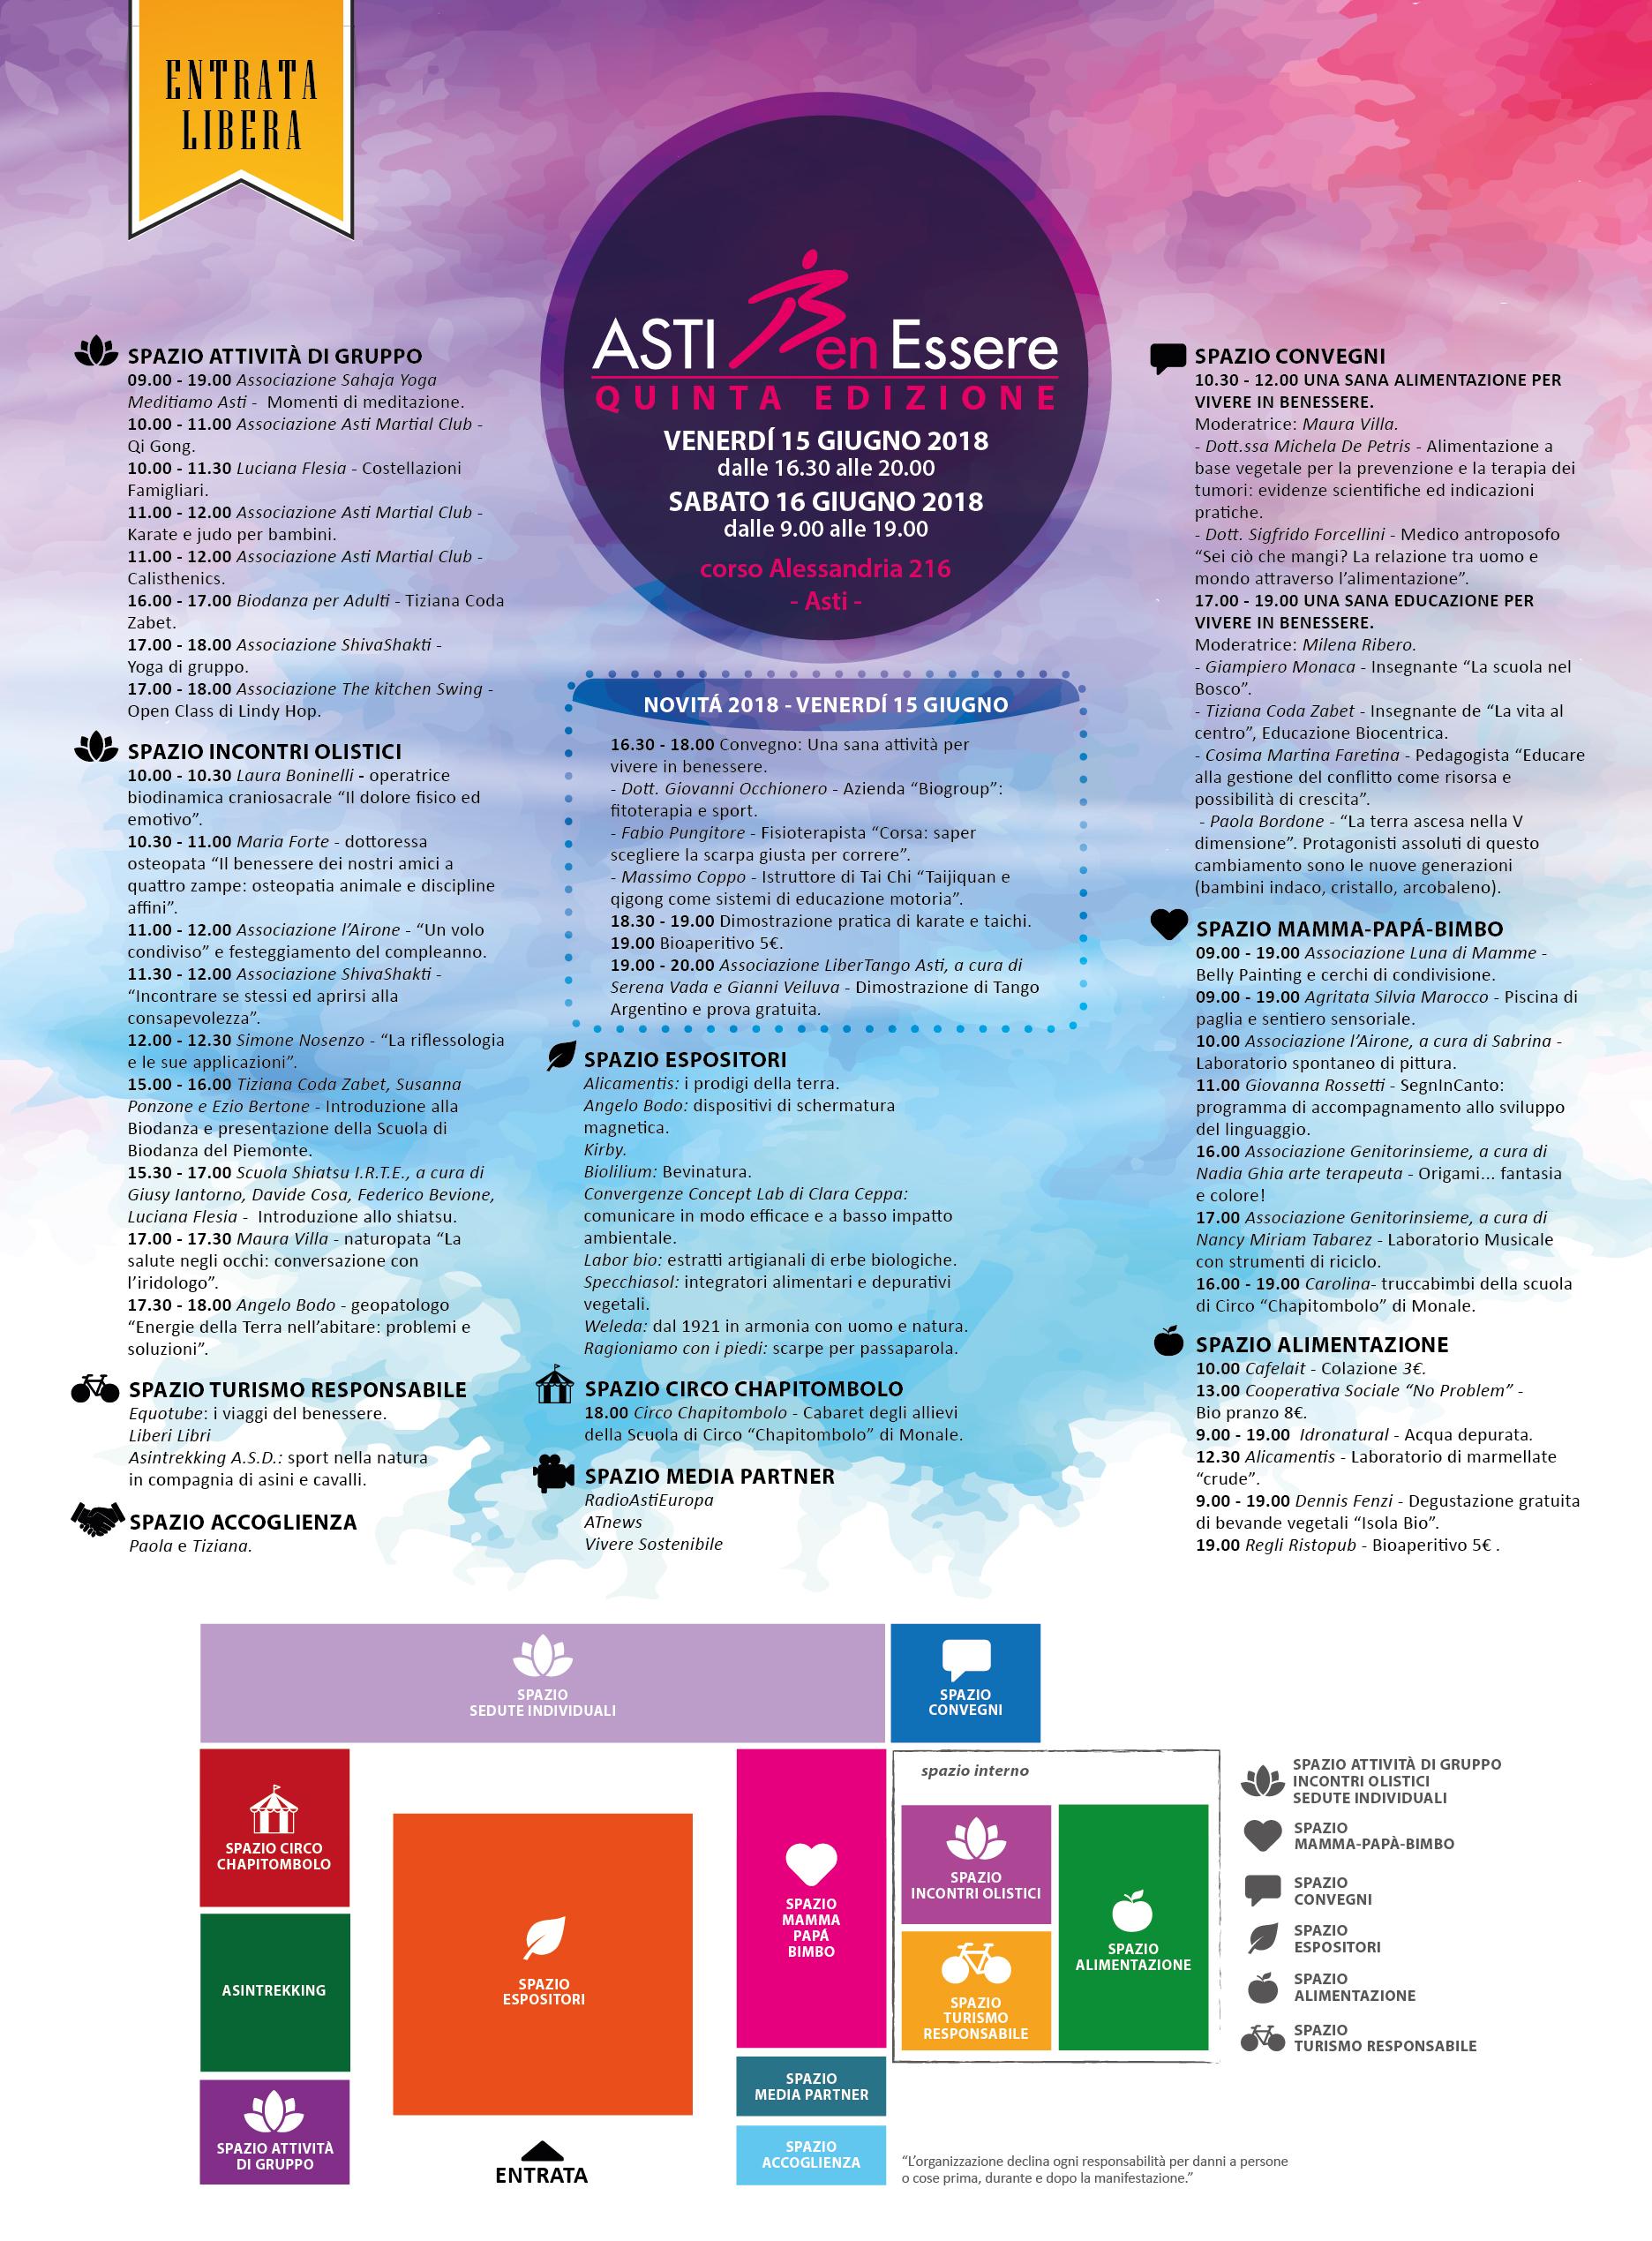 brochure-astibenessere2018_a3_abbondaggi_3-02